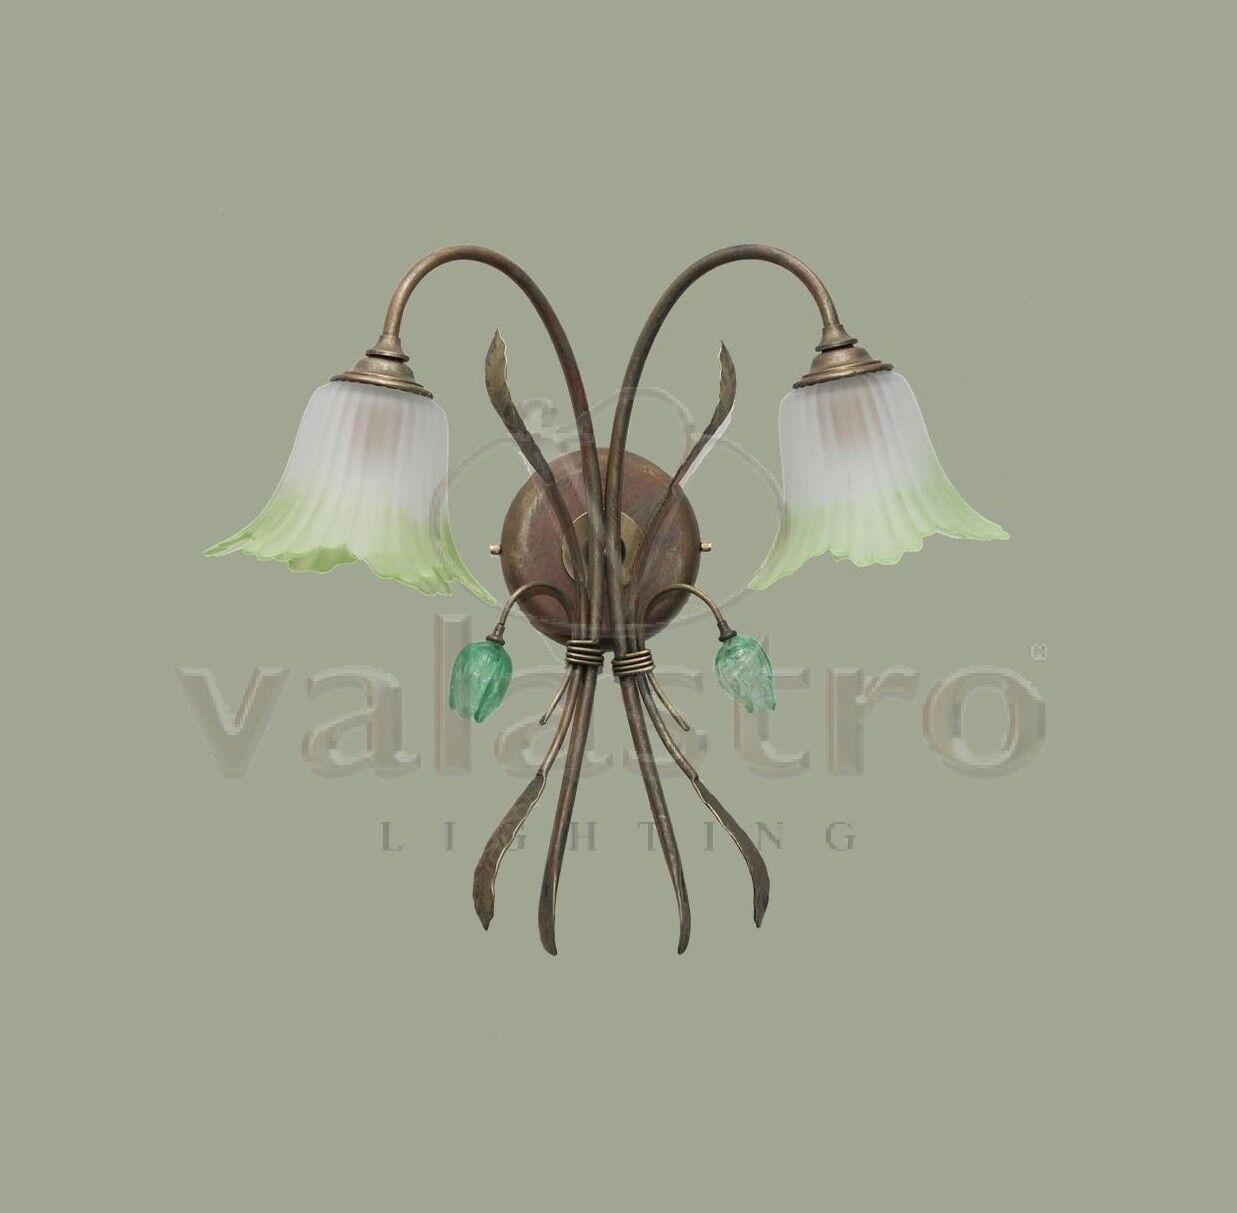 Lampada a parete applique Ferro Battuto prodotto in Italia da Valastro Lighting